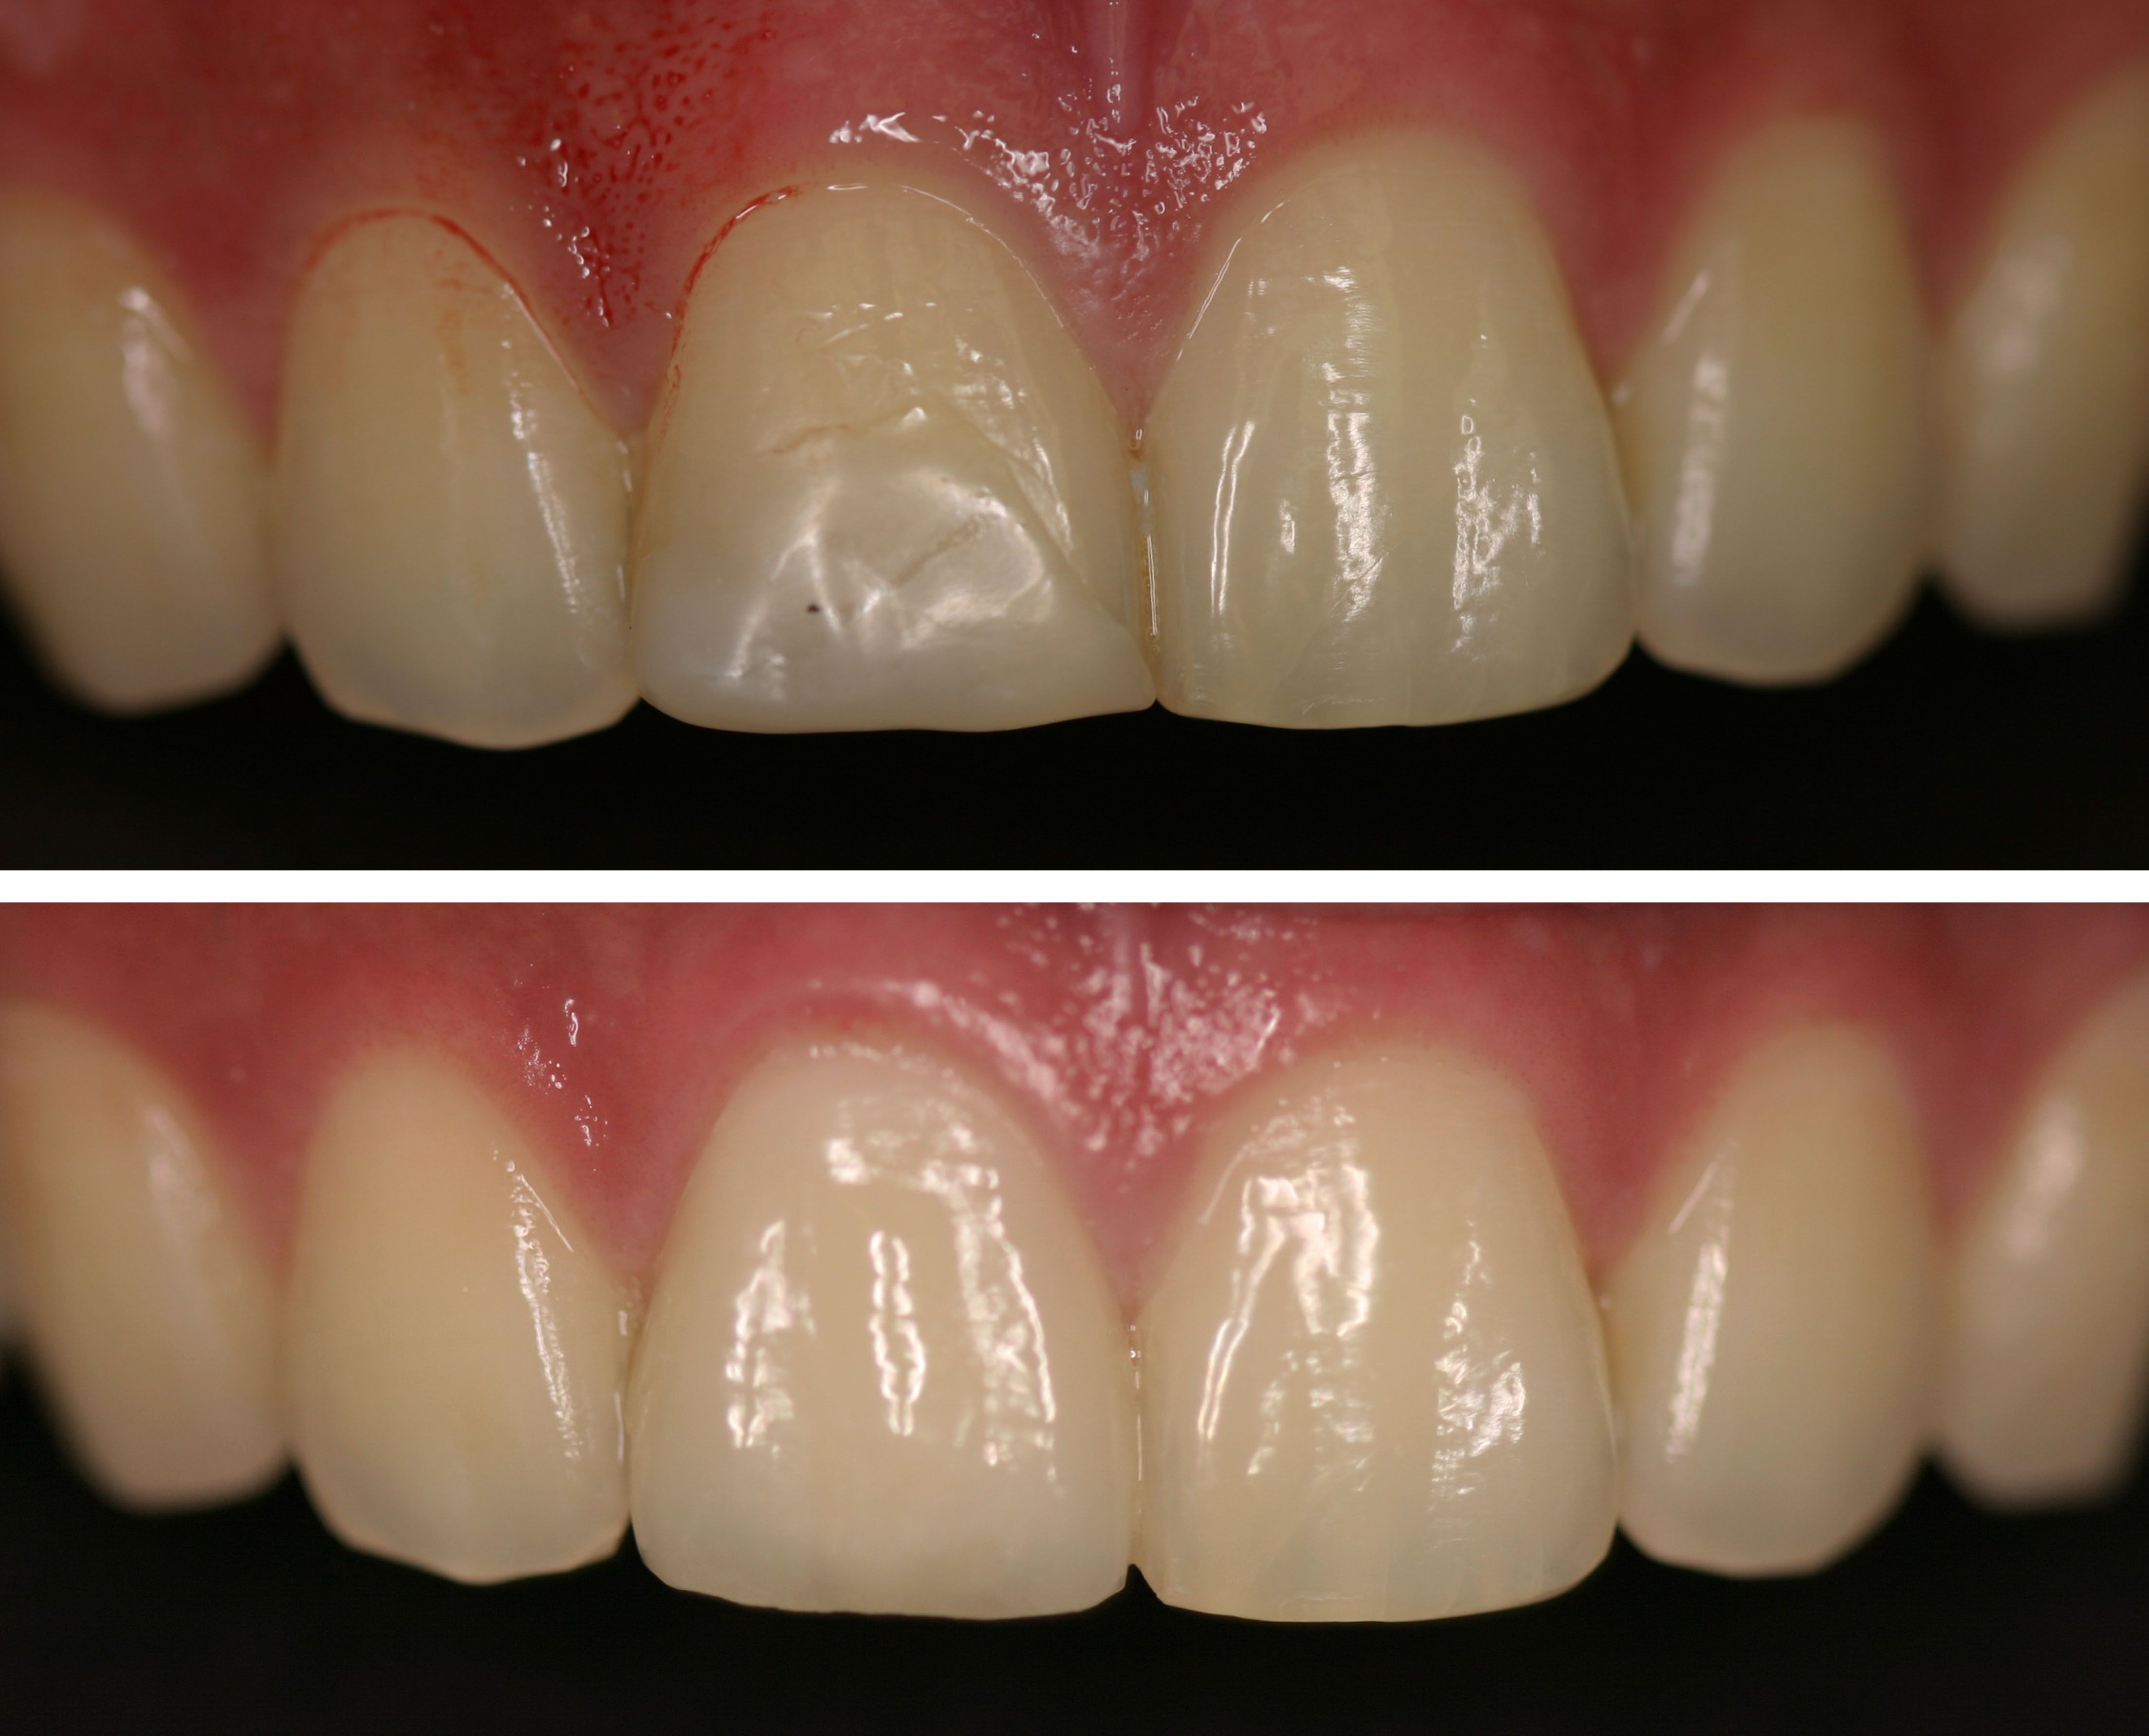 Best Cosmetic Dentist Dental Veneers Veneers Teeth Ceramic Materials